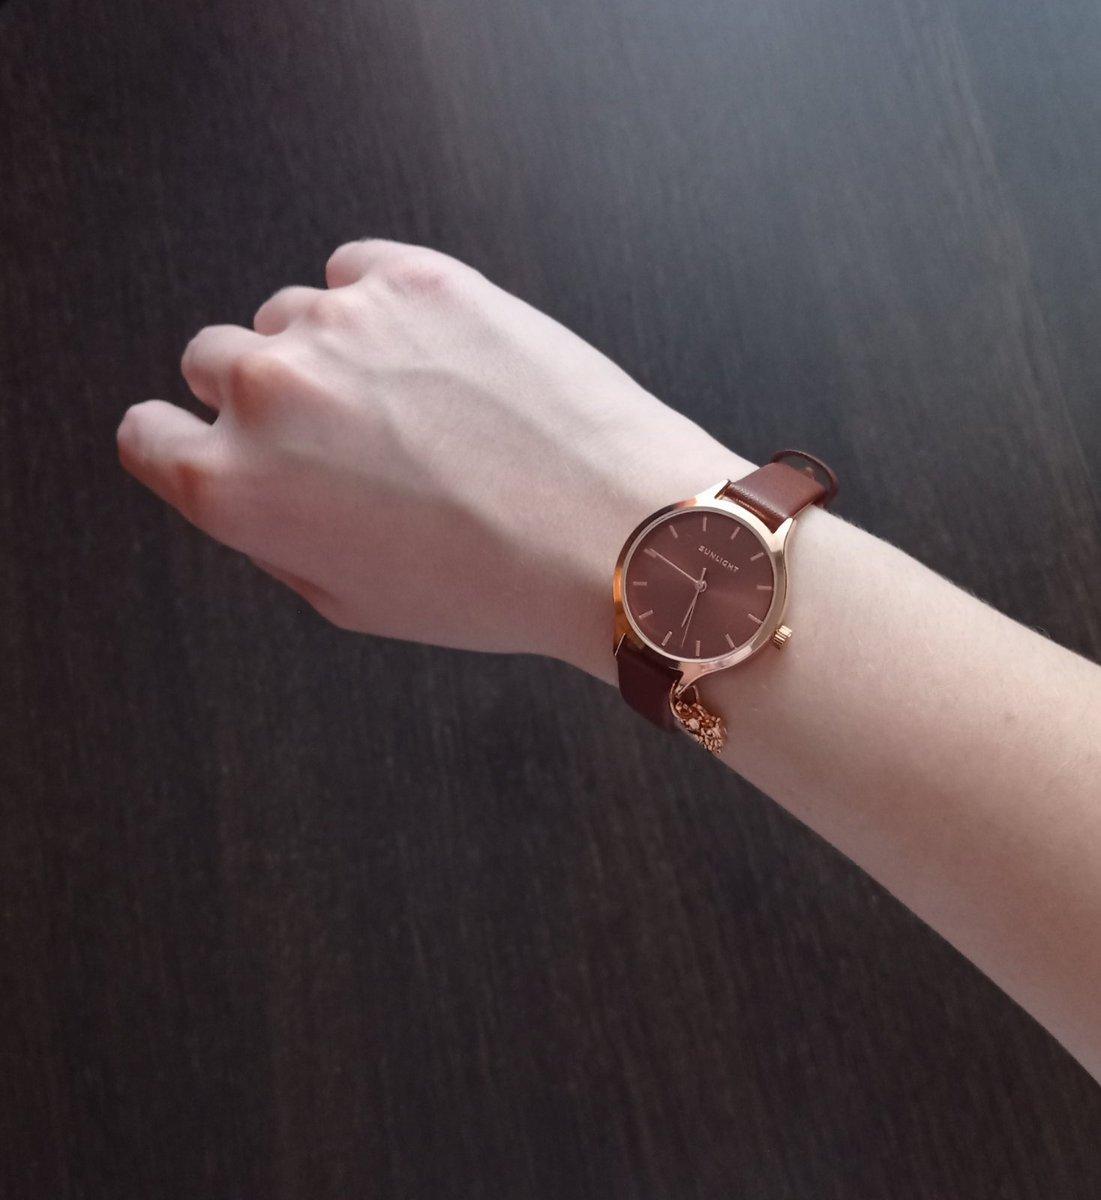 Часы купила дочери, ей 19 лет, очень понравились, не снимает)